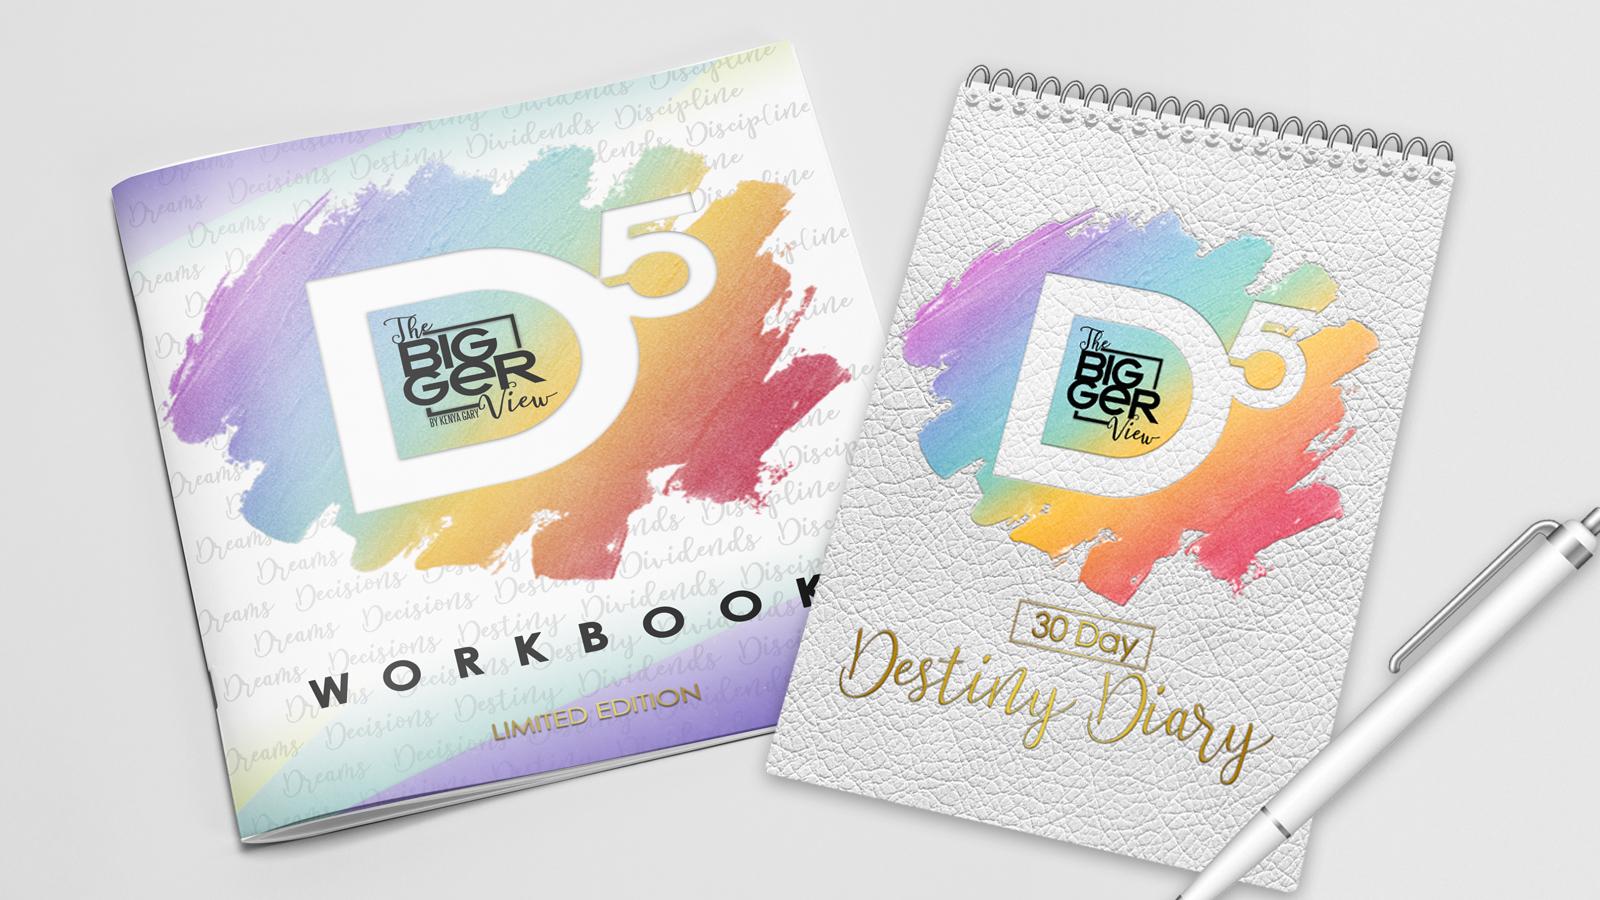 D5 Workbook & 30 Day Destiny Diary  00008